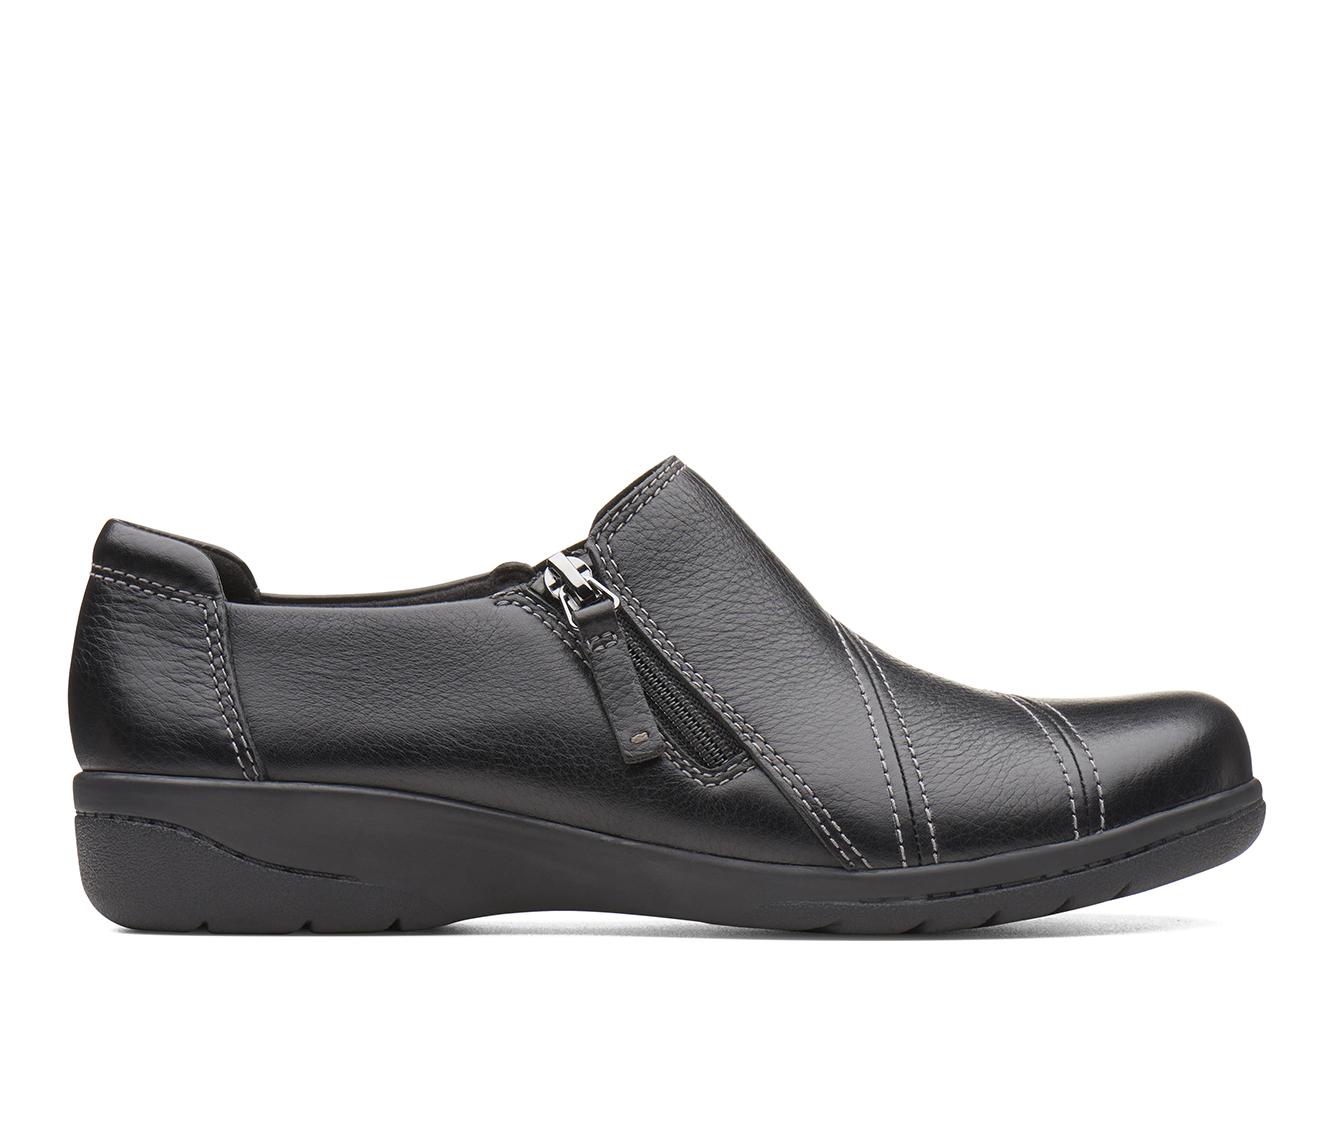 Clarks Cheyn Clay Women's Shoe (Black Leather)